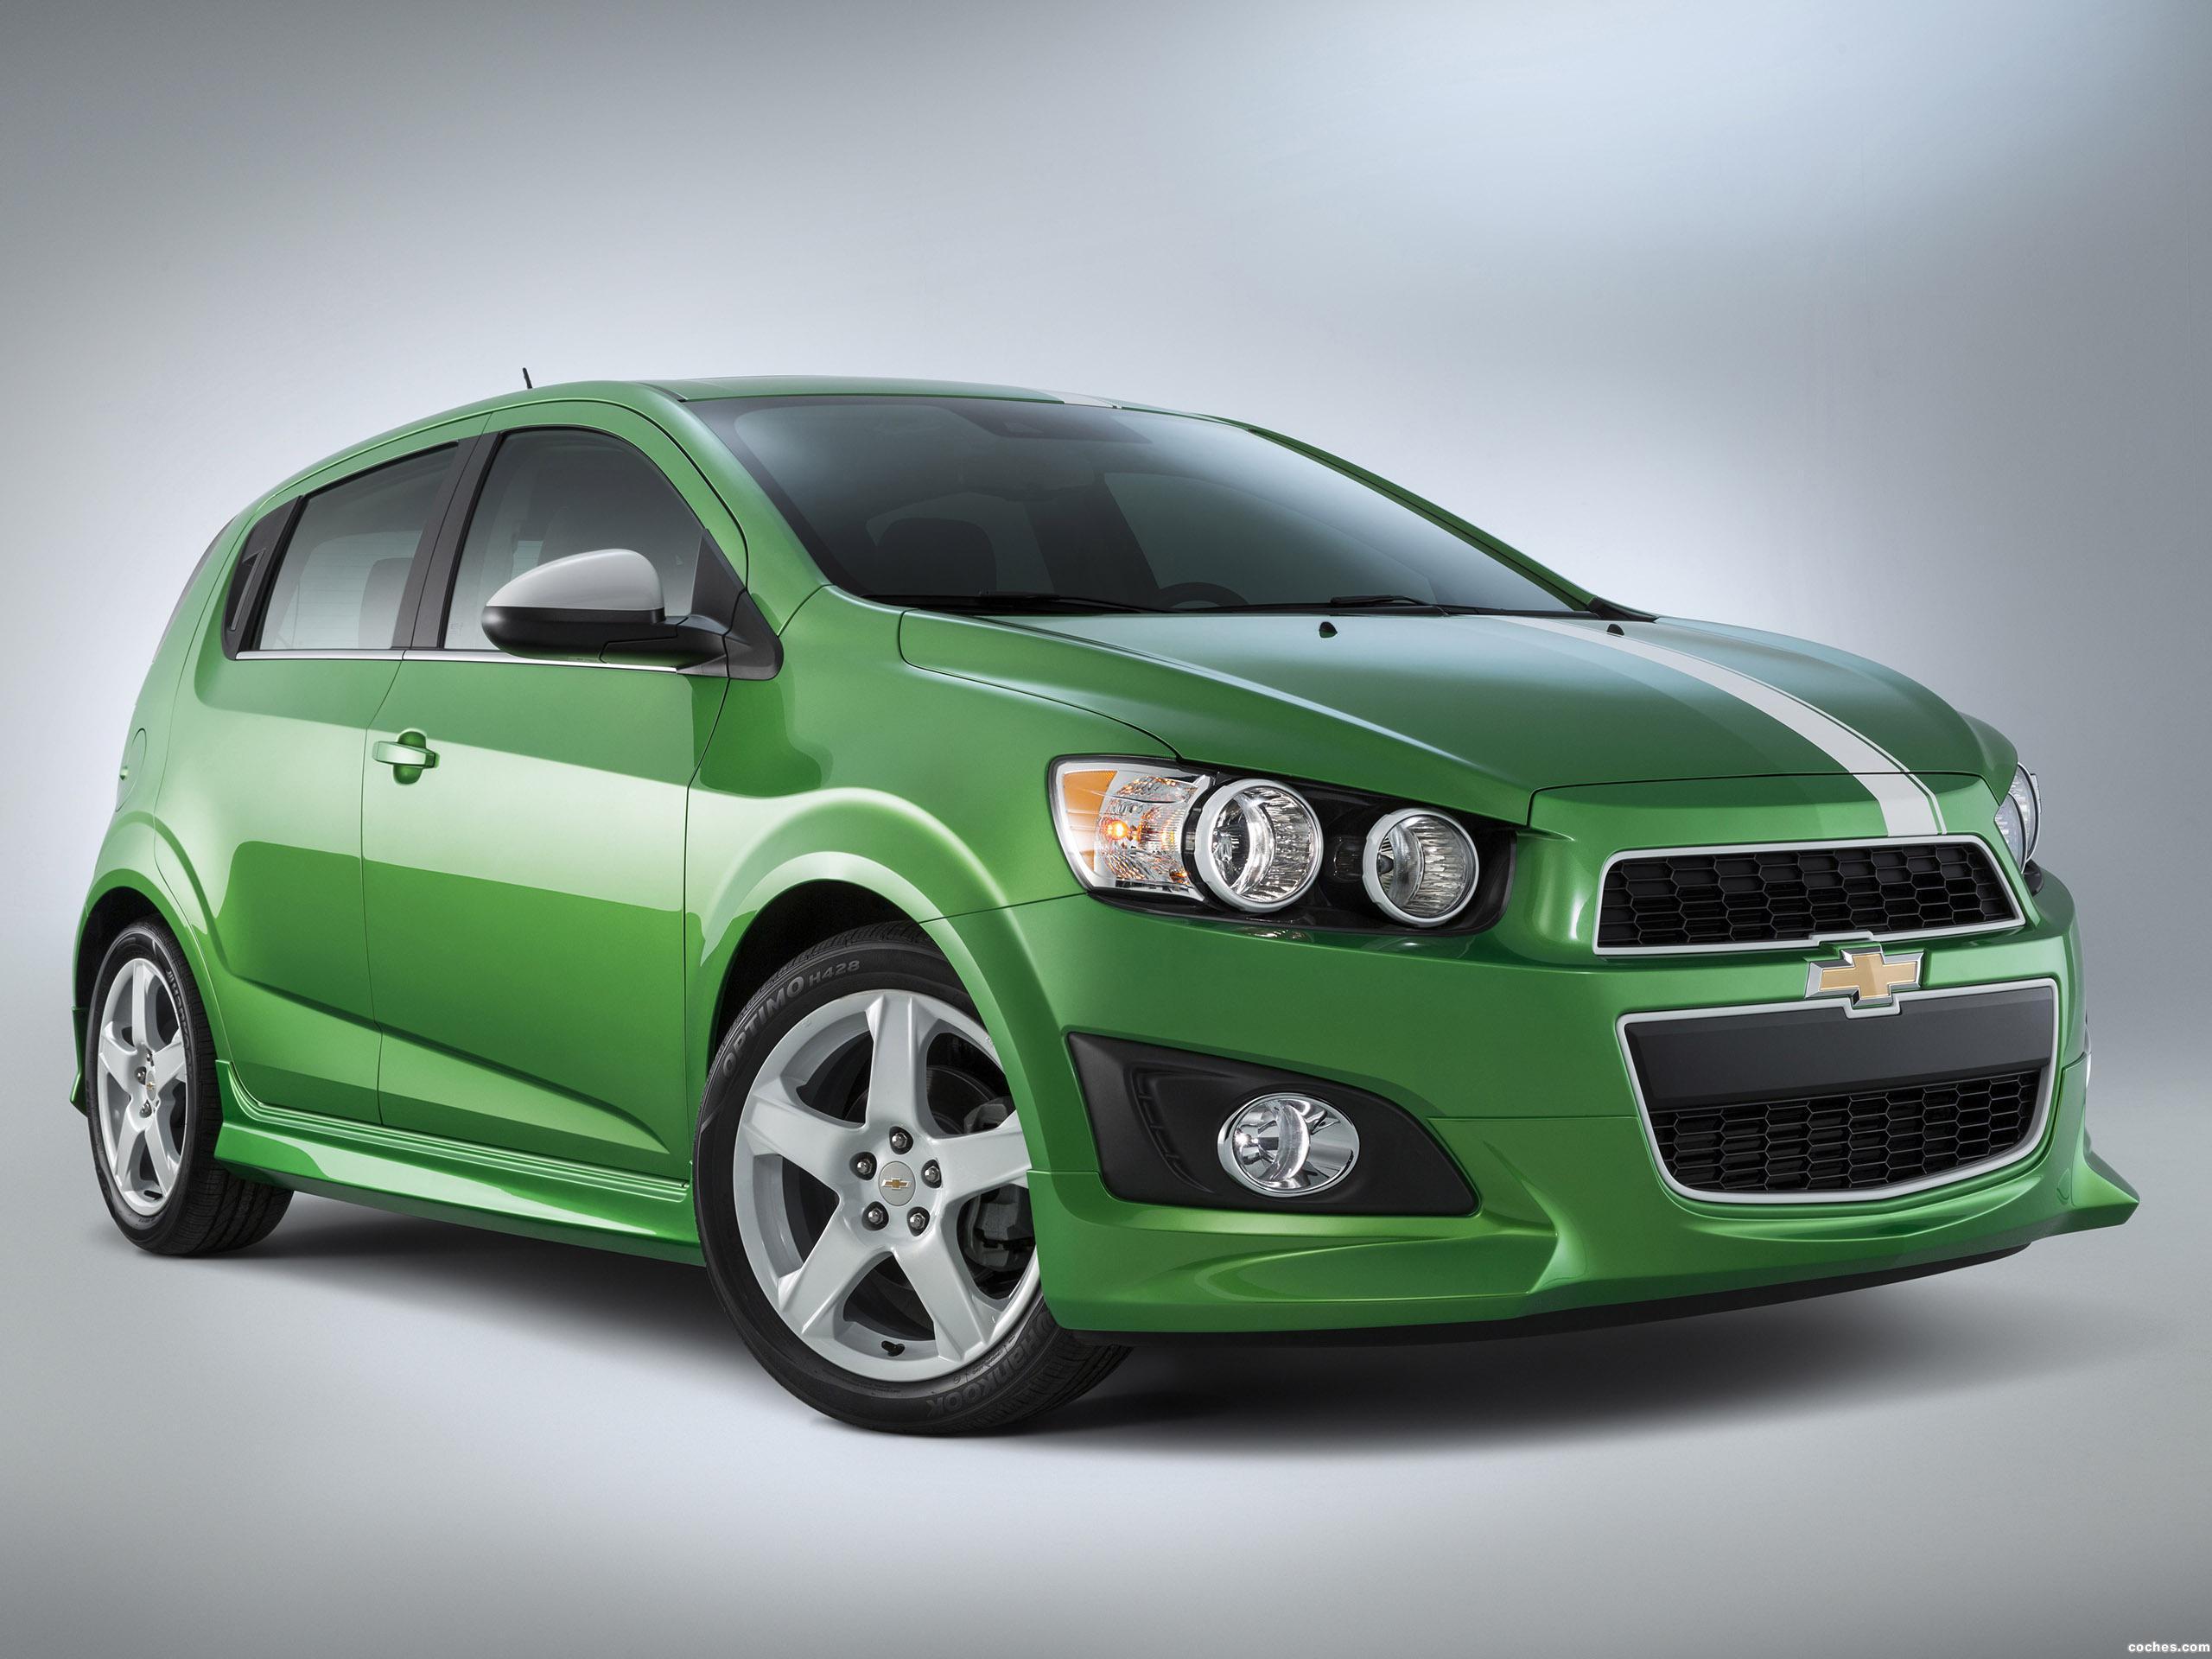 Foto 0 de Chevrolet Sonic Performance Concept 2014